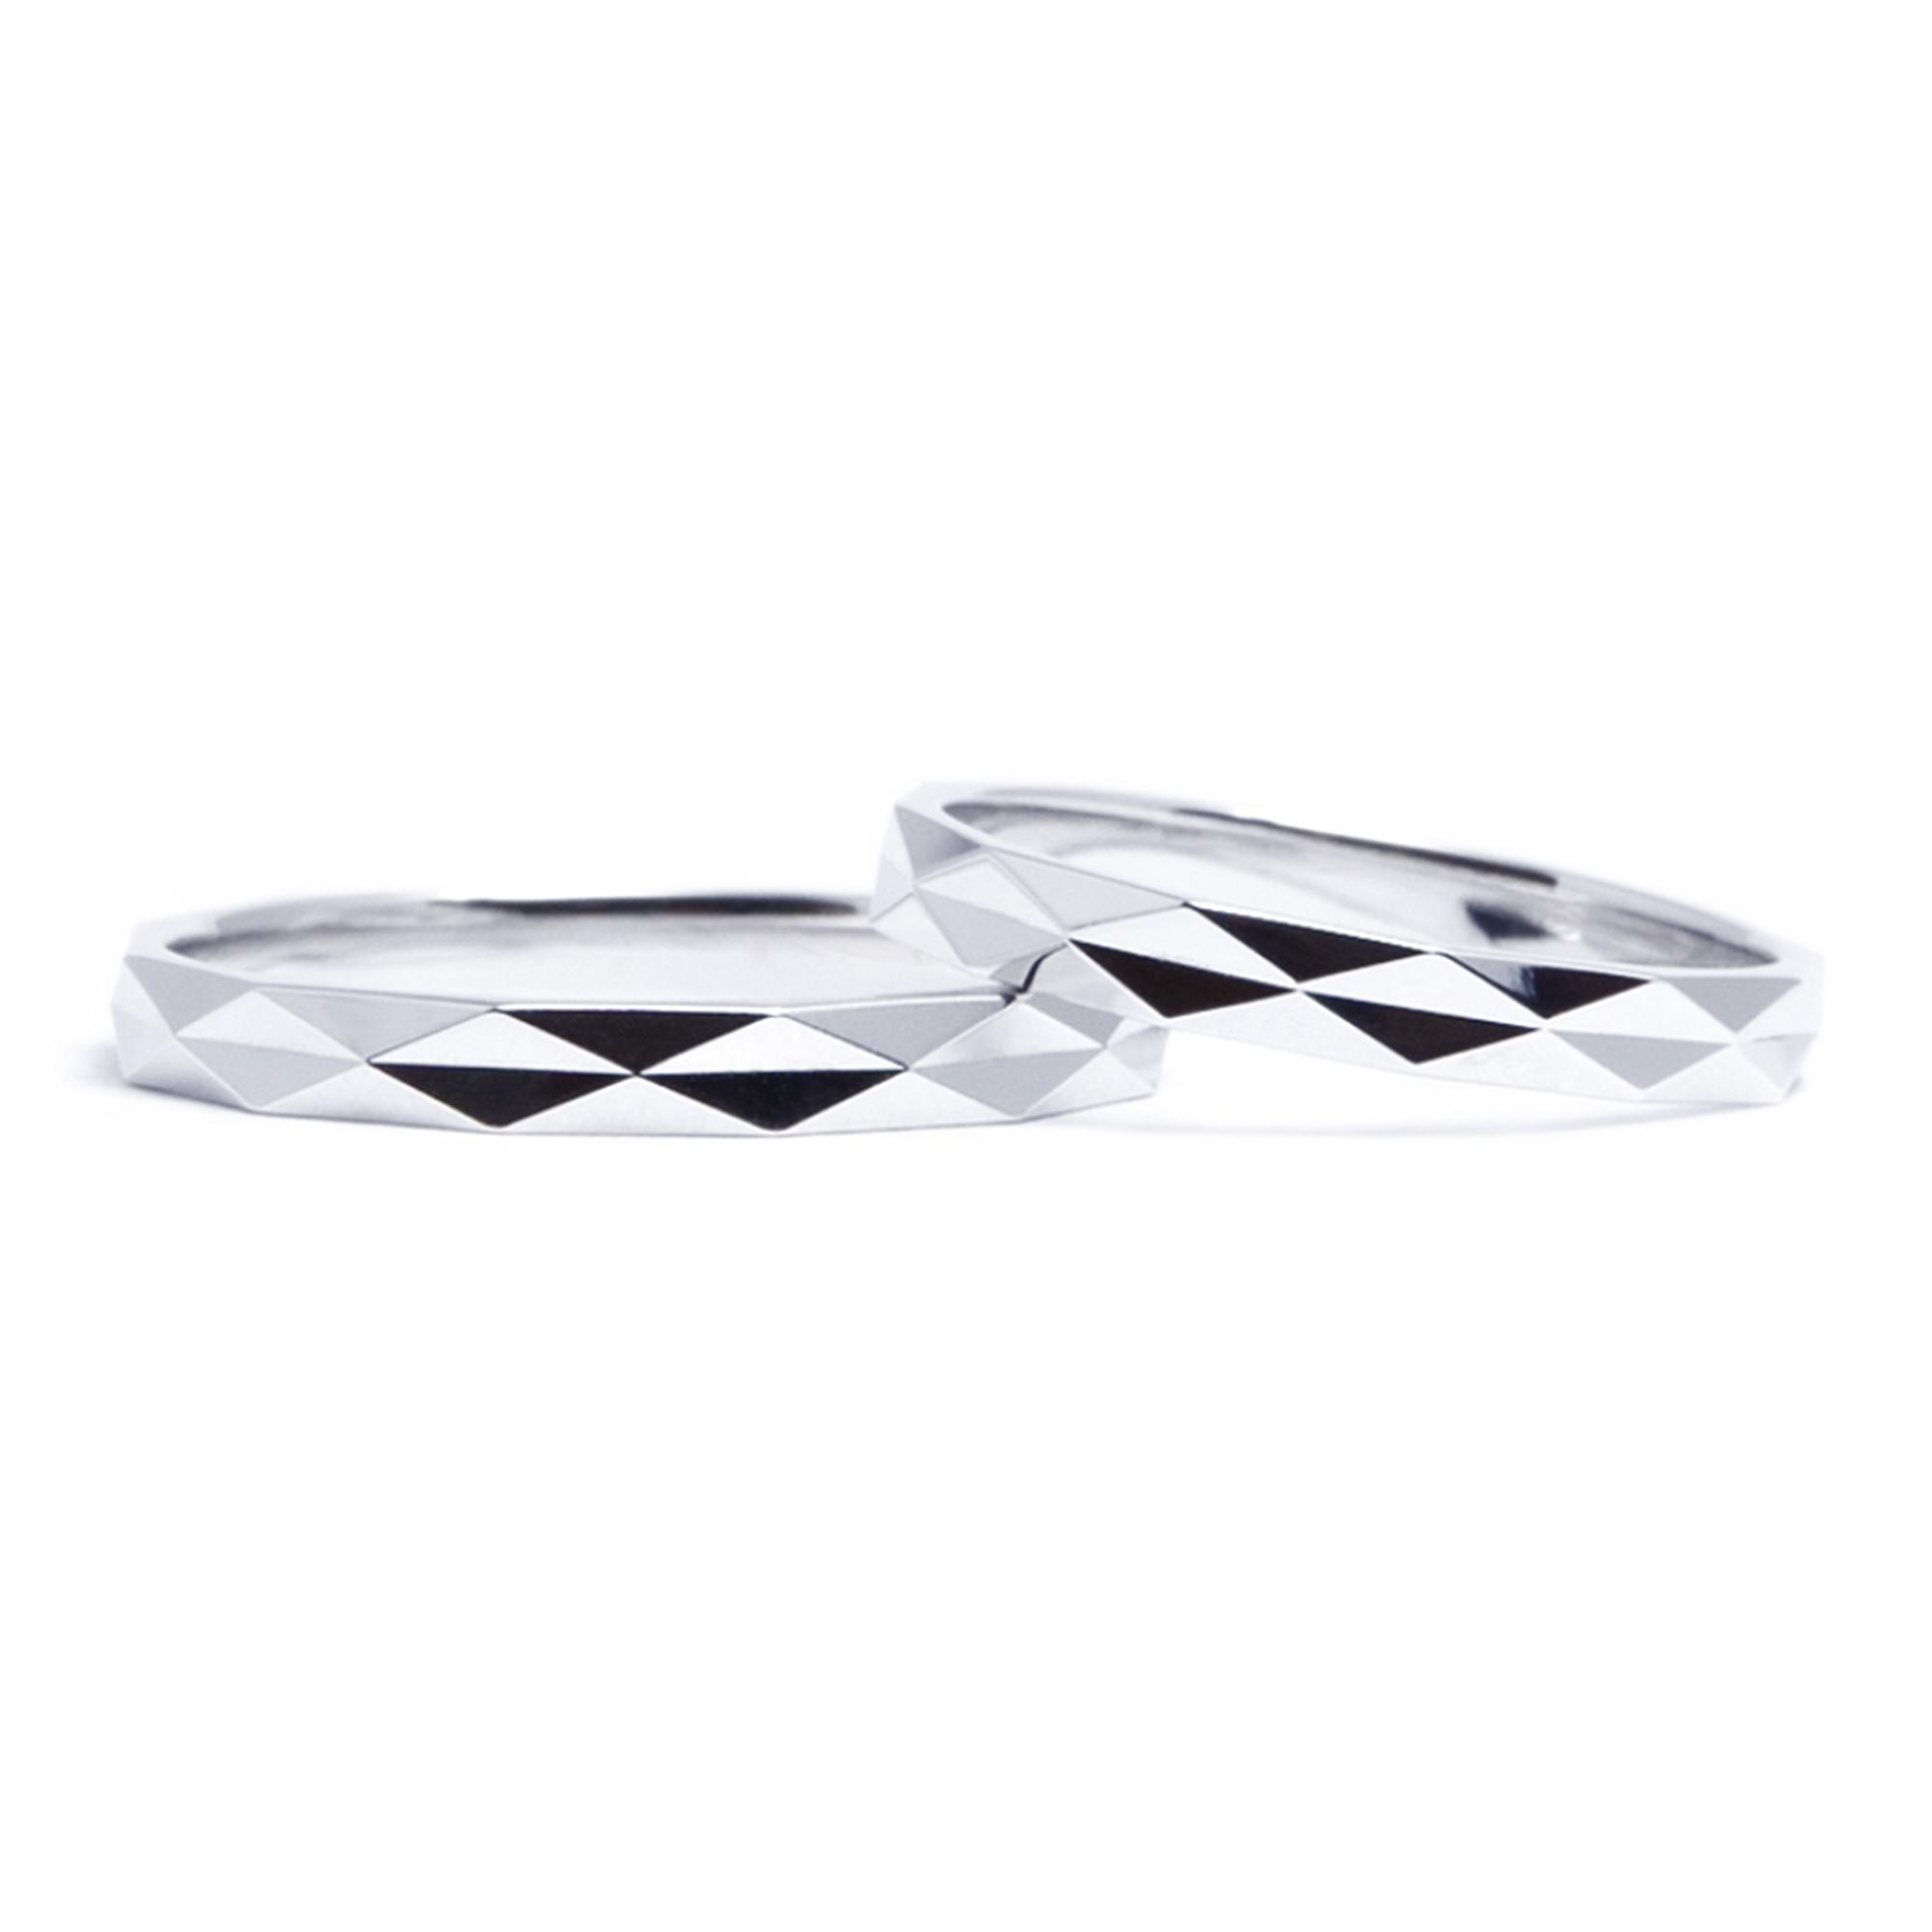 輪高崎工房の結婚指輪|Dordgne